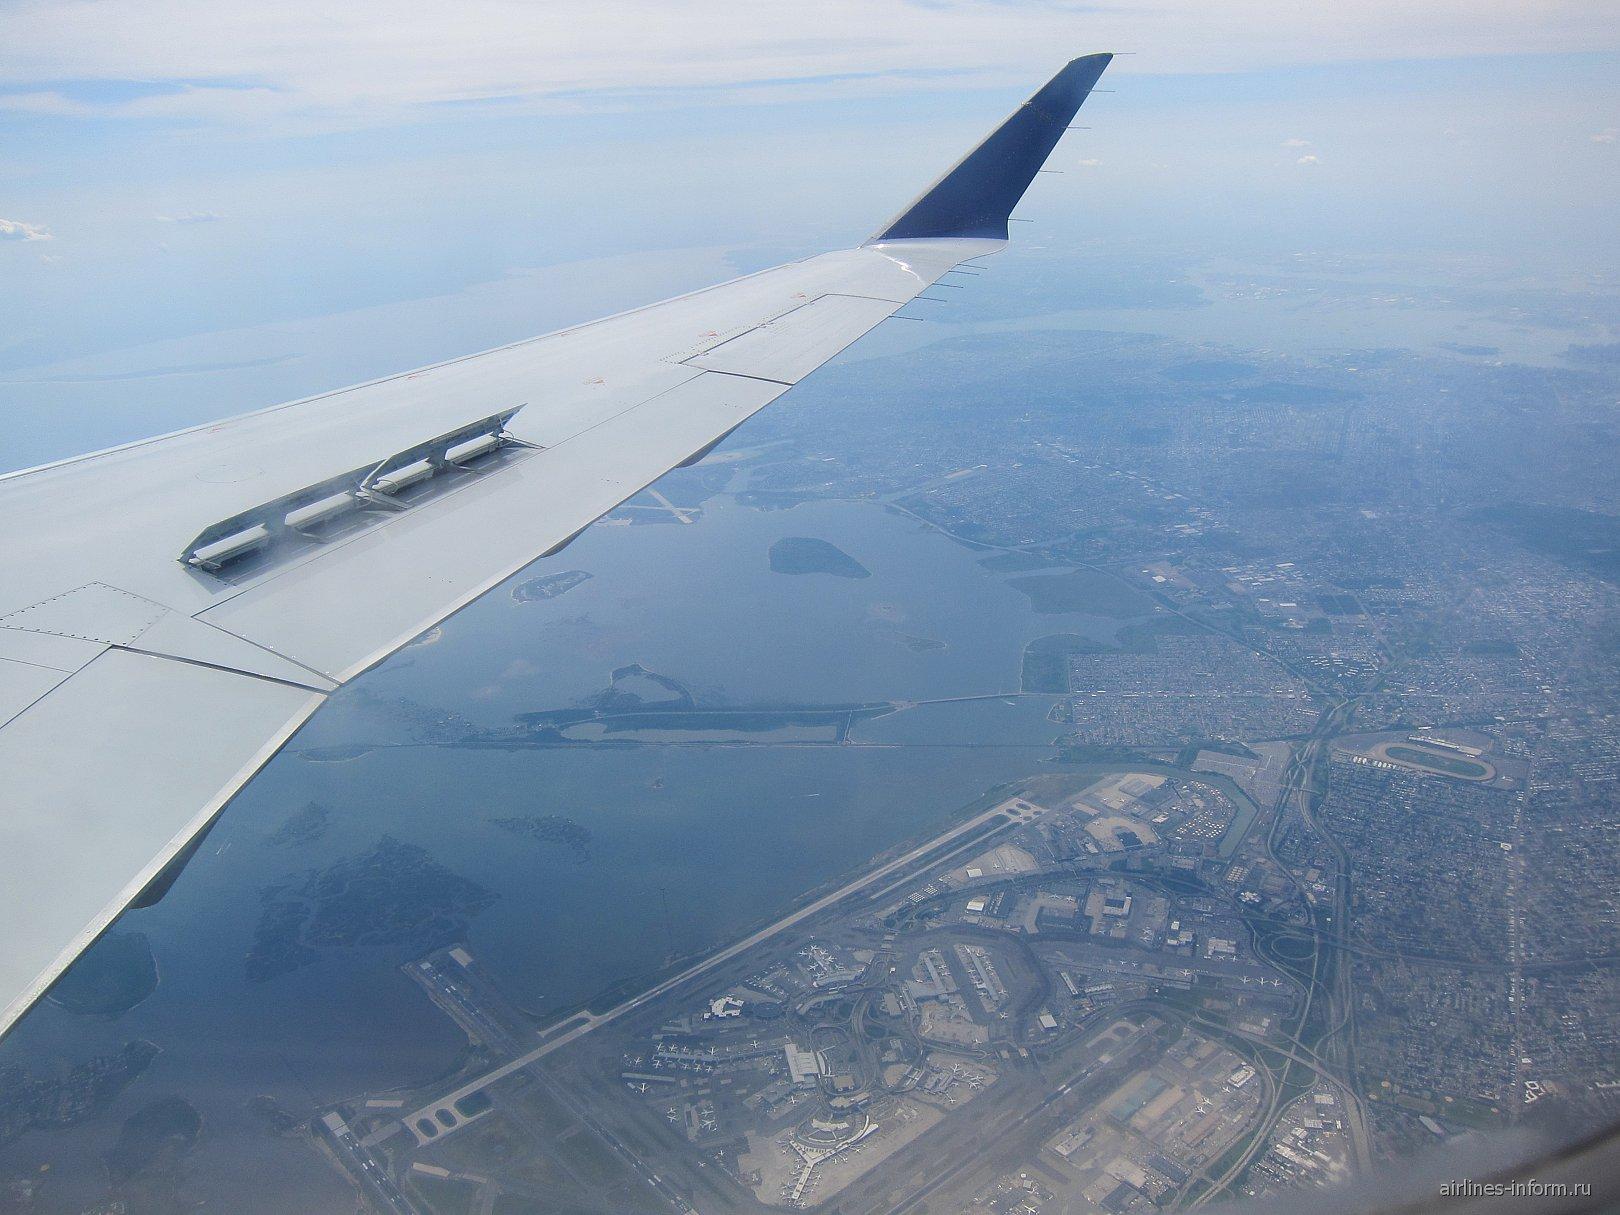 В полете над Нью-Йорком и аэропортом Ла-Гардия